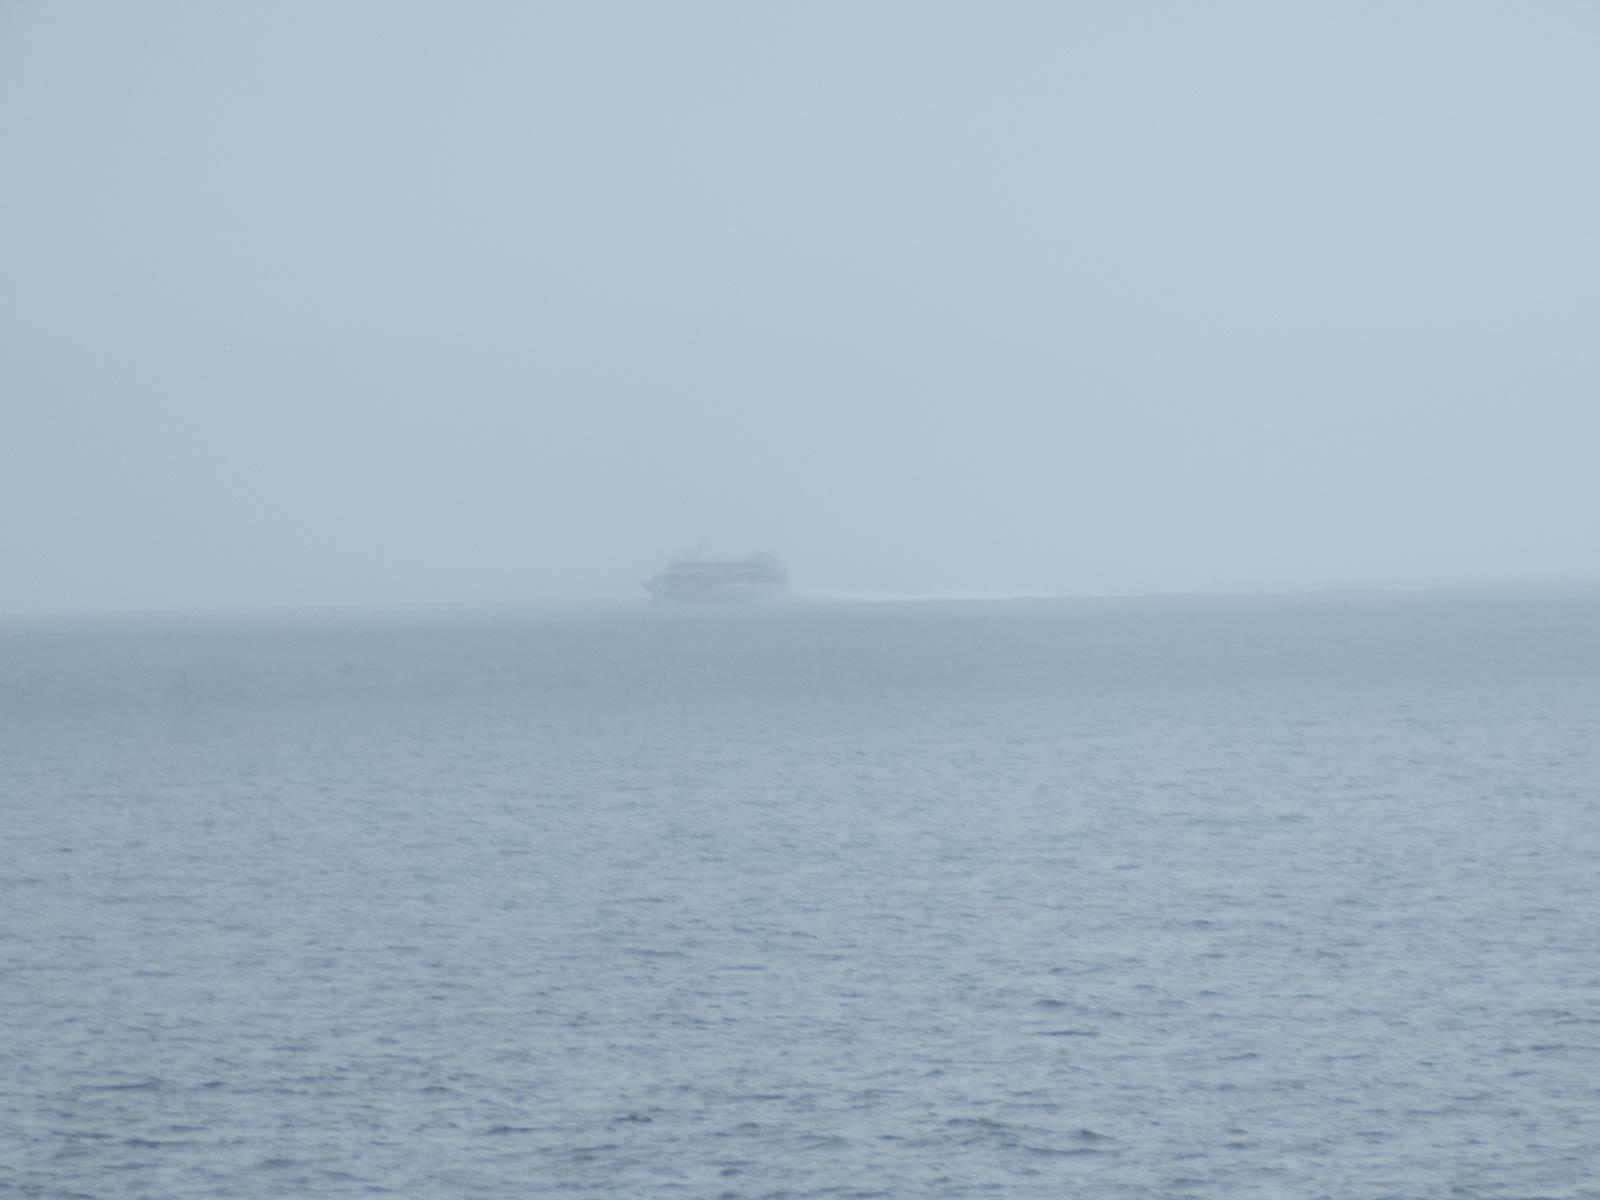 船影を確認